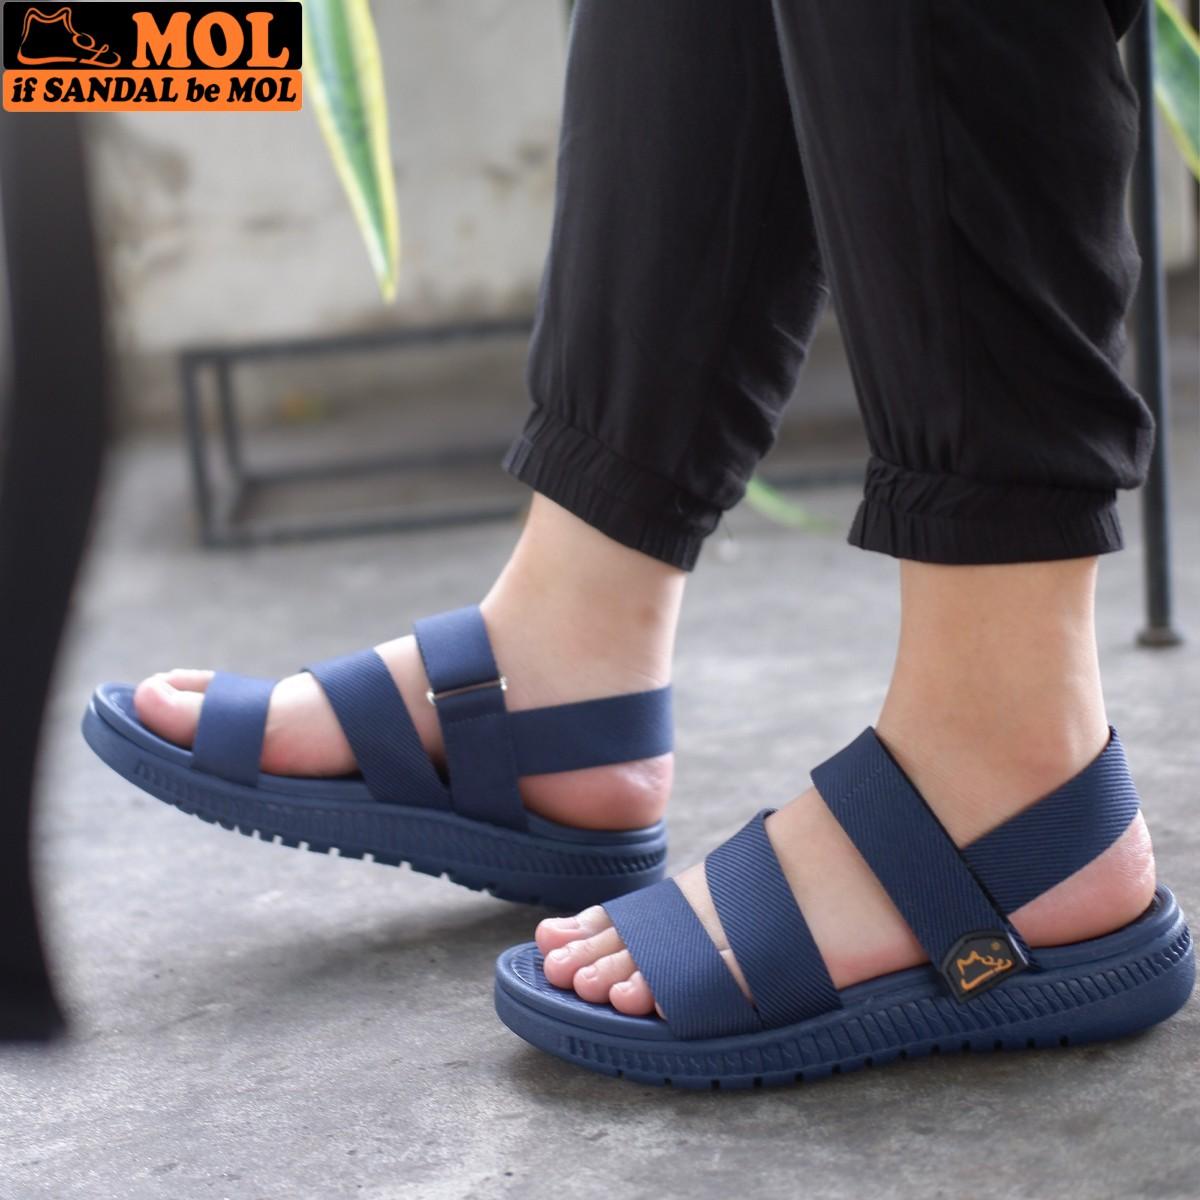 Giày sandal học sinh nam công nghệ siêu nhẹ hiệu MOL MS2